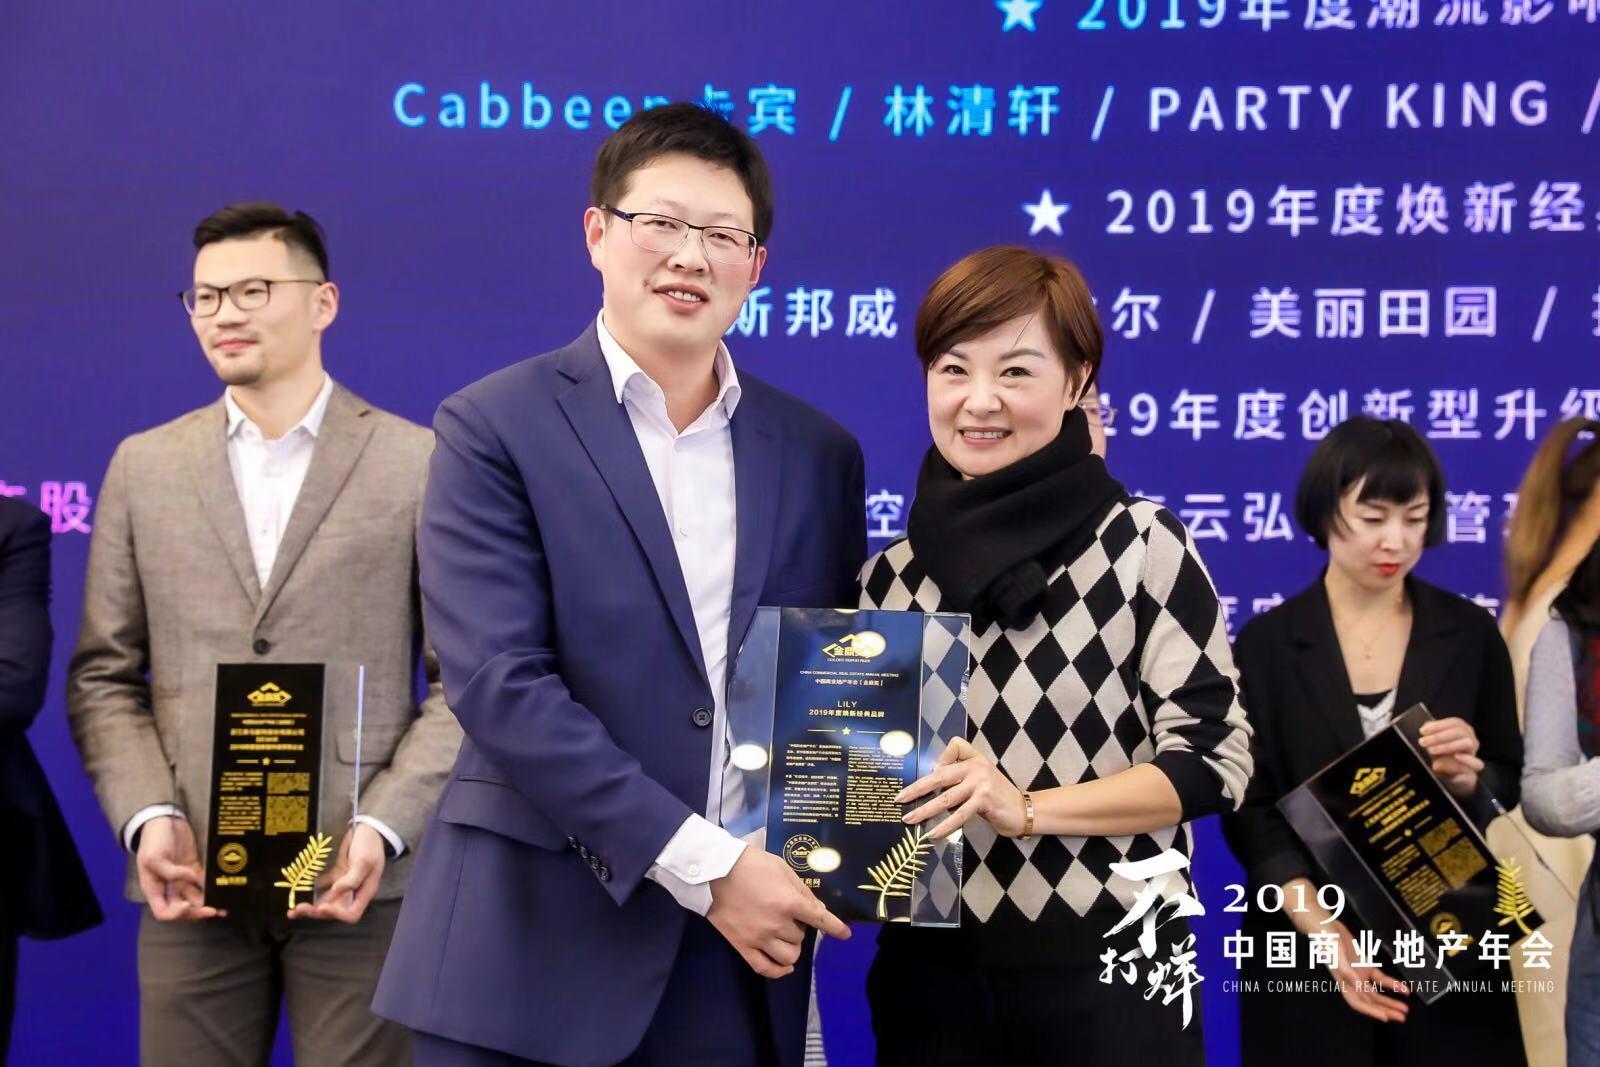 LILY商务时装荣获2019年度实力价值品牌奖